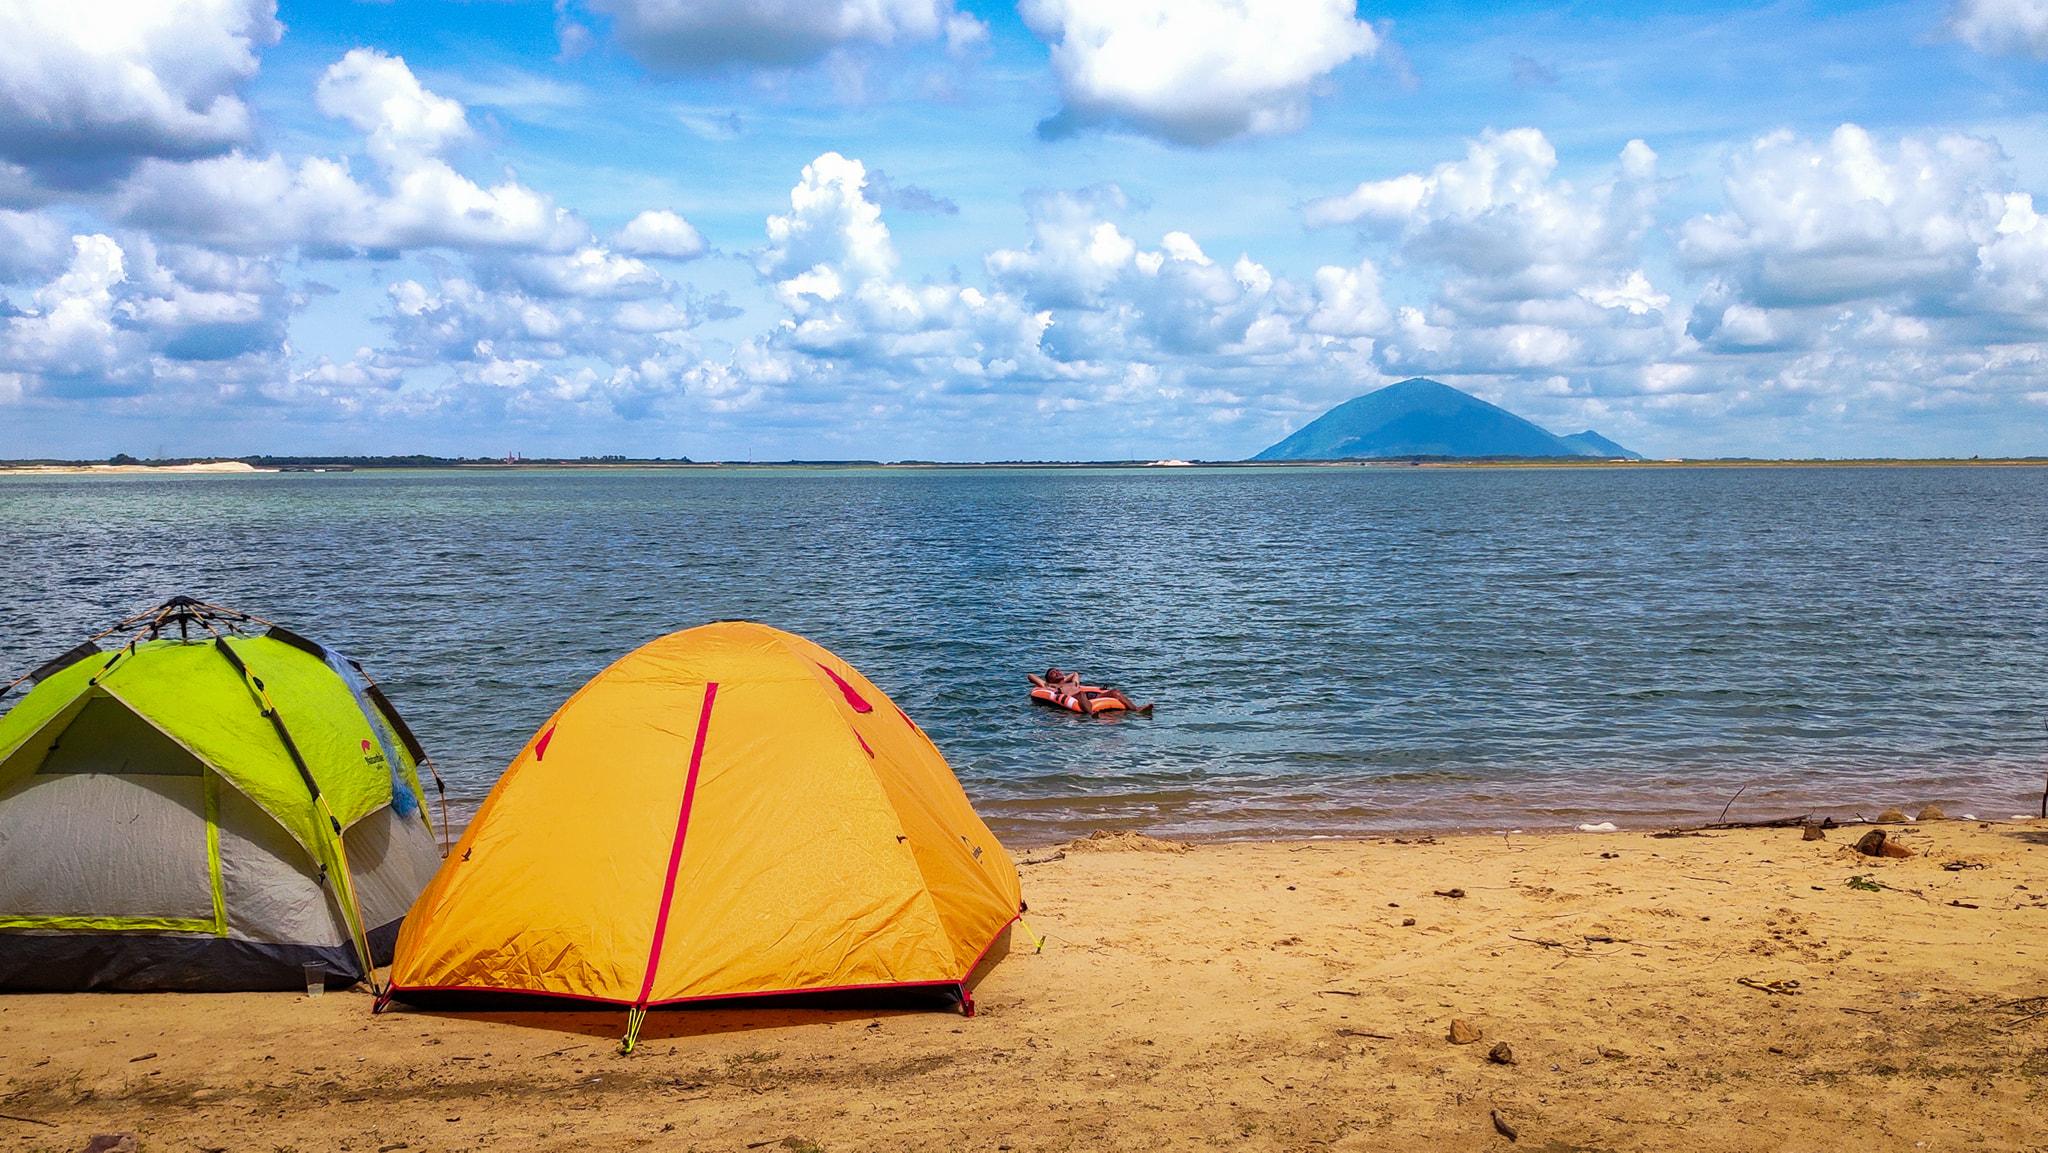 Đến hồ Dầu Tiếng, chiêm ngưỡng cảnh đẹp hút hồn tại địa điểm cắm trại hot nhất Tây Ninh  - Ảnh 1.